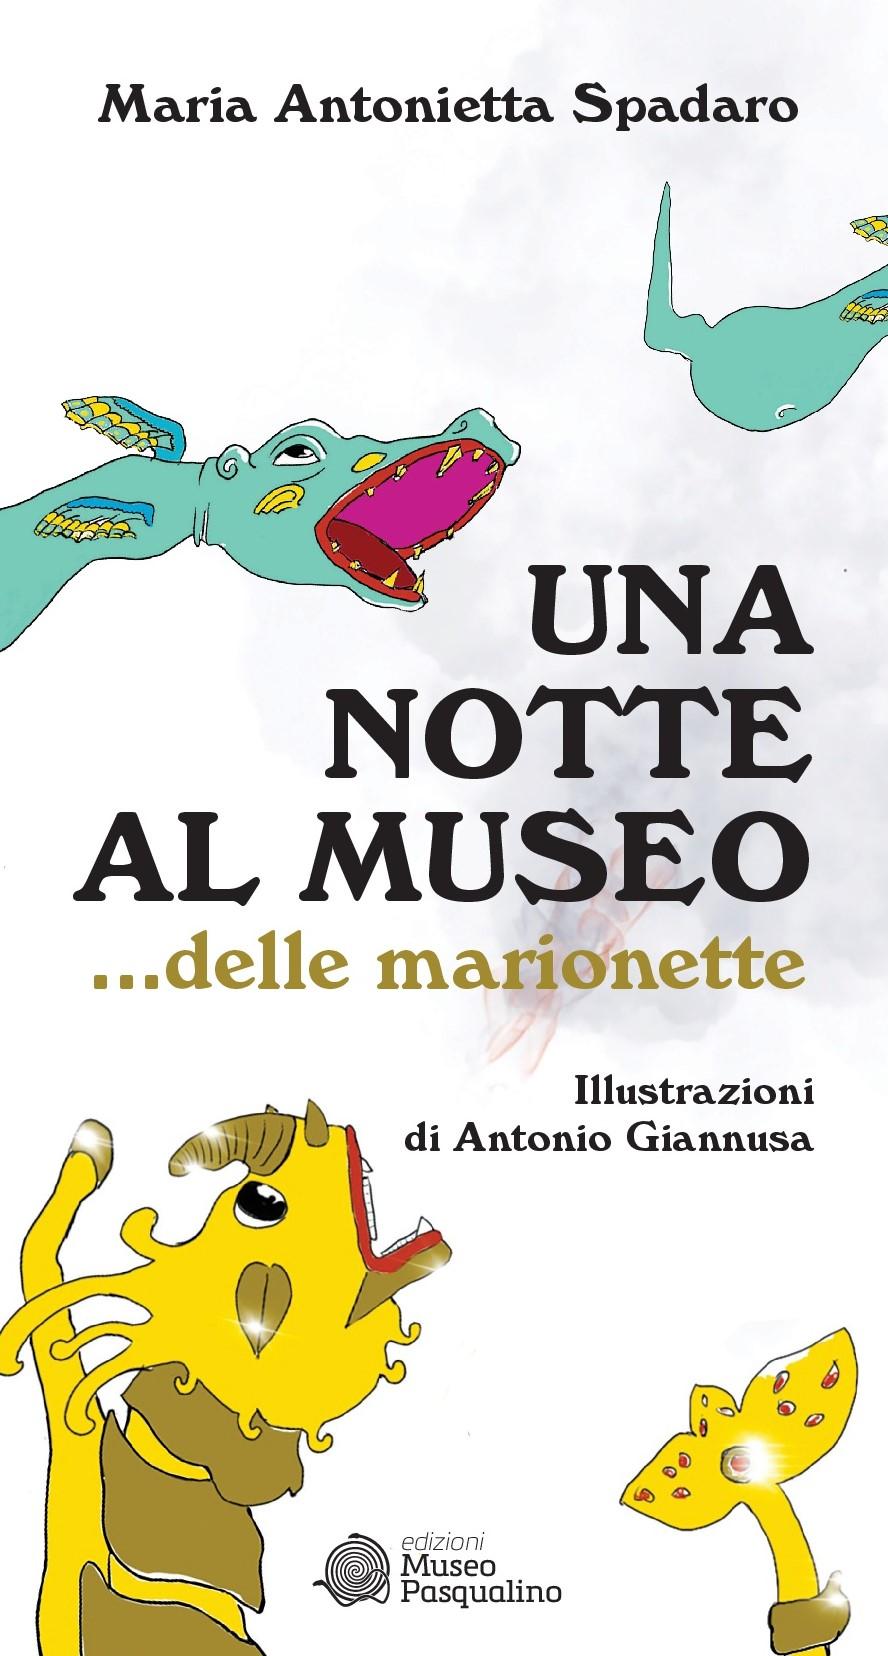 2019_Una_notte_al_Museo.jpg - 239.12 kB